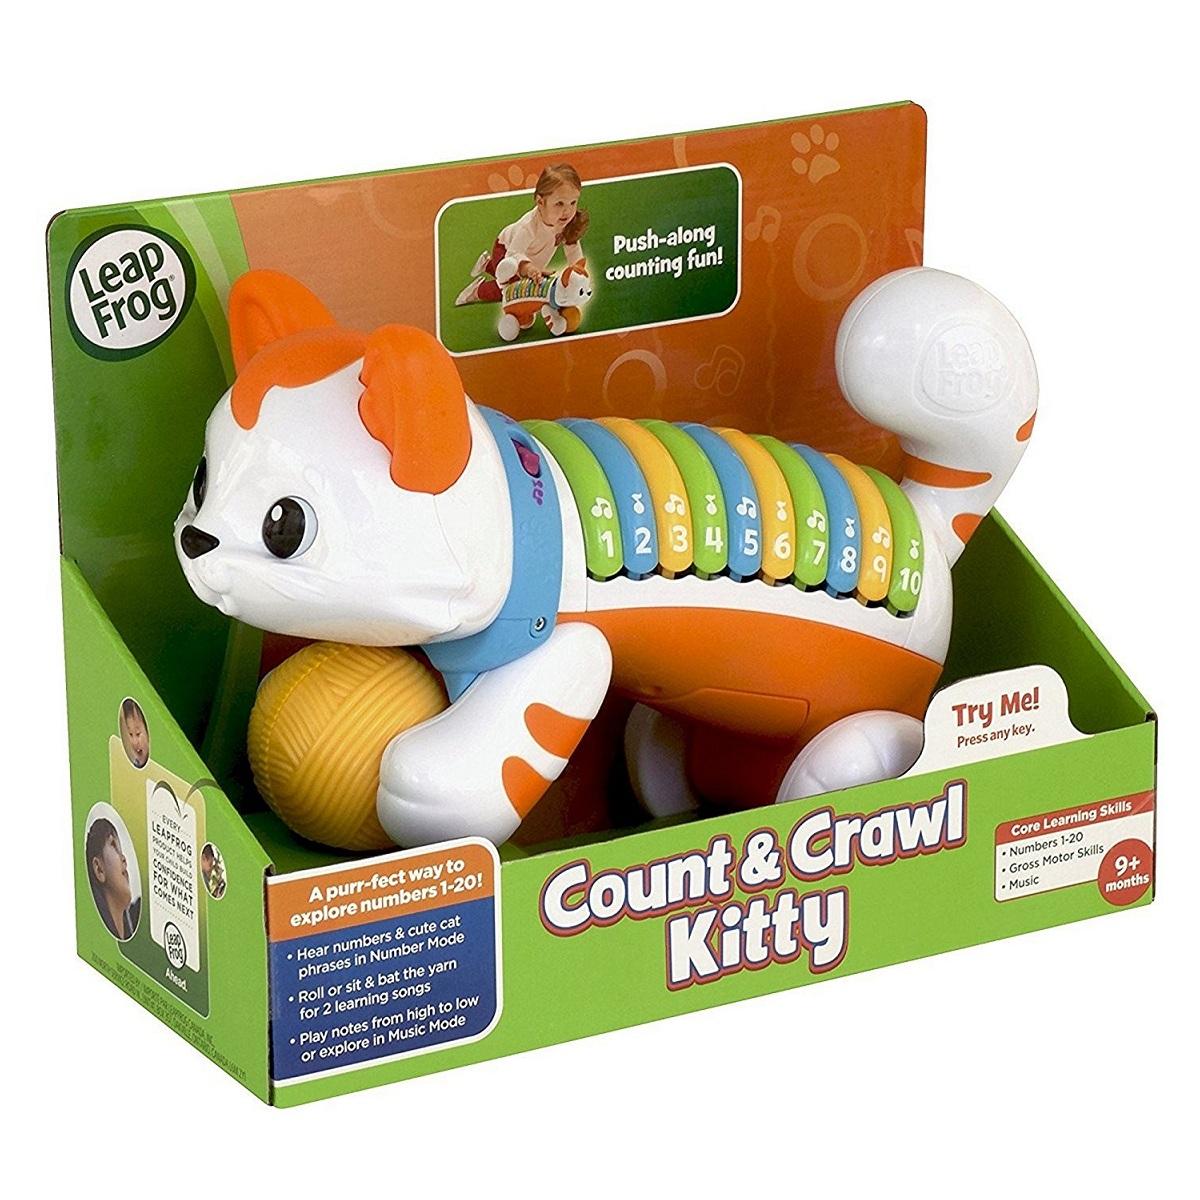 เจ้าแมวเหมียวแสนซน เสริมความรู้ด้านตัวเลขสำหรับเด็กเล็กนะคะ เจ้าแมวแสนซนจาก leapfrog count and crawl kitty